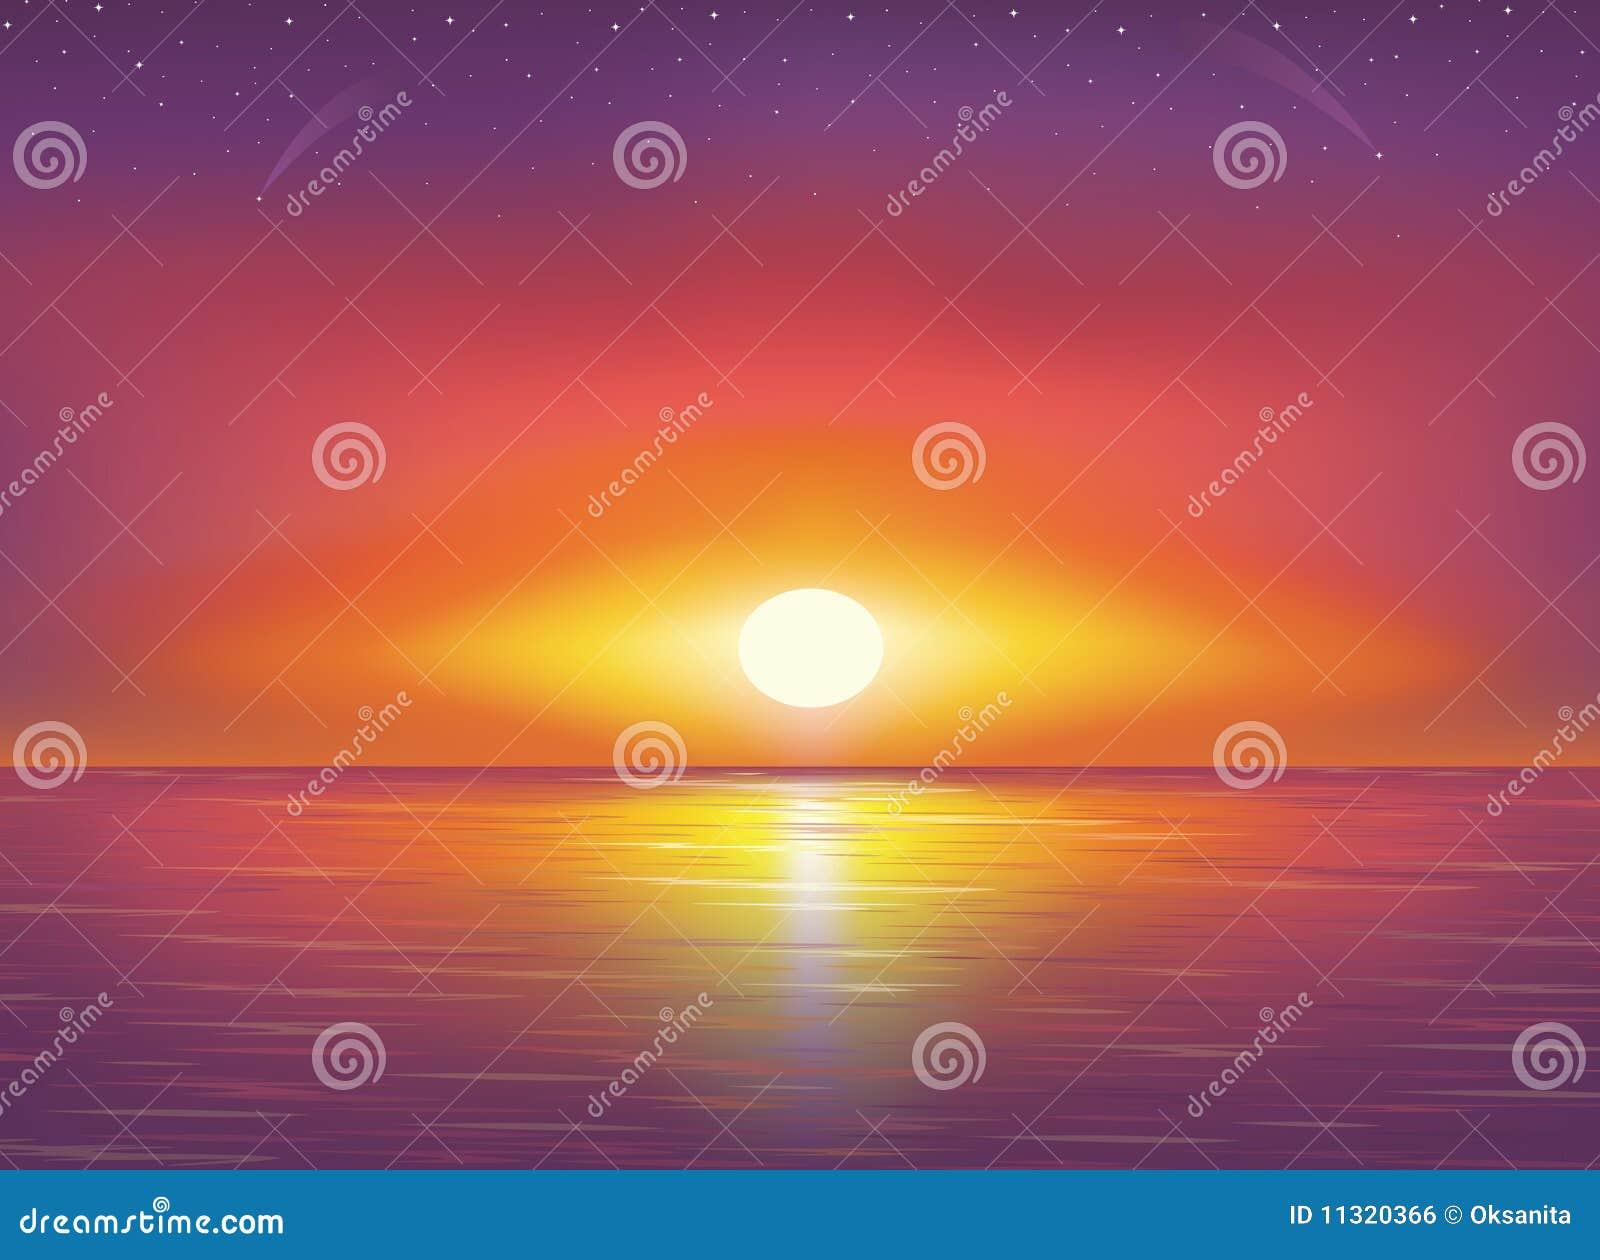 Schöner Sonnenuntergang.